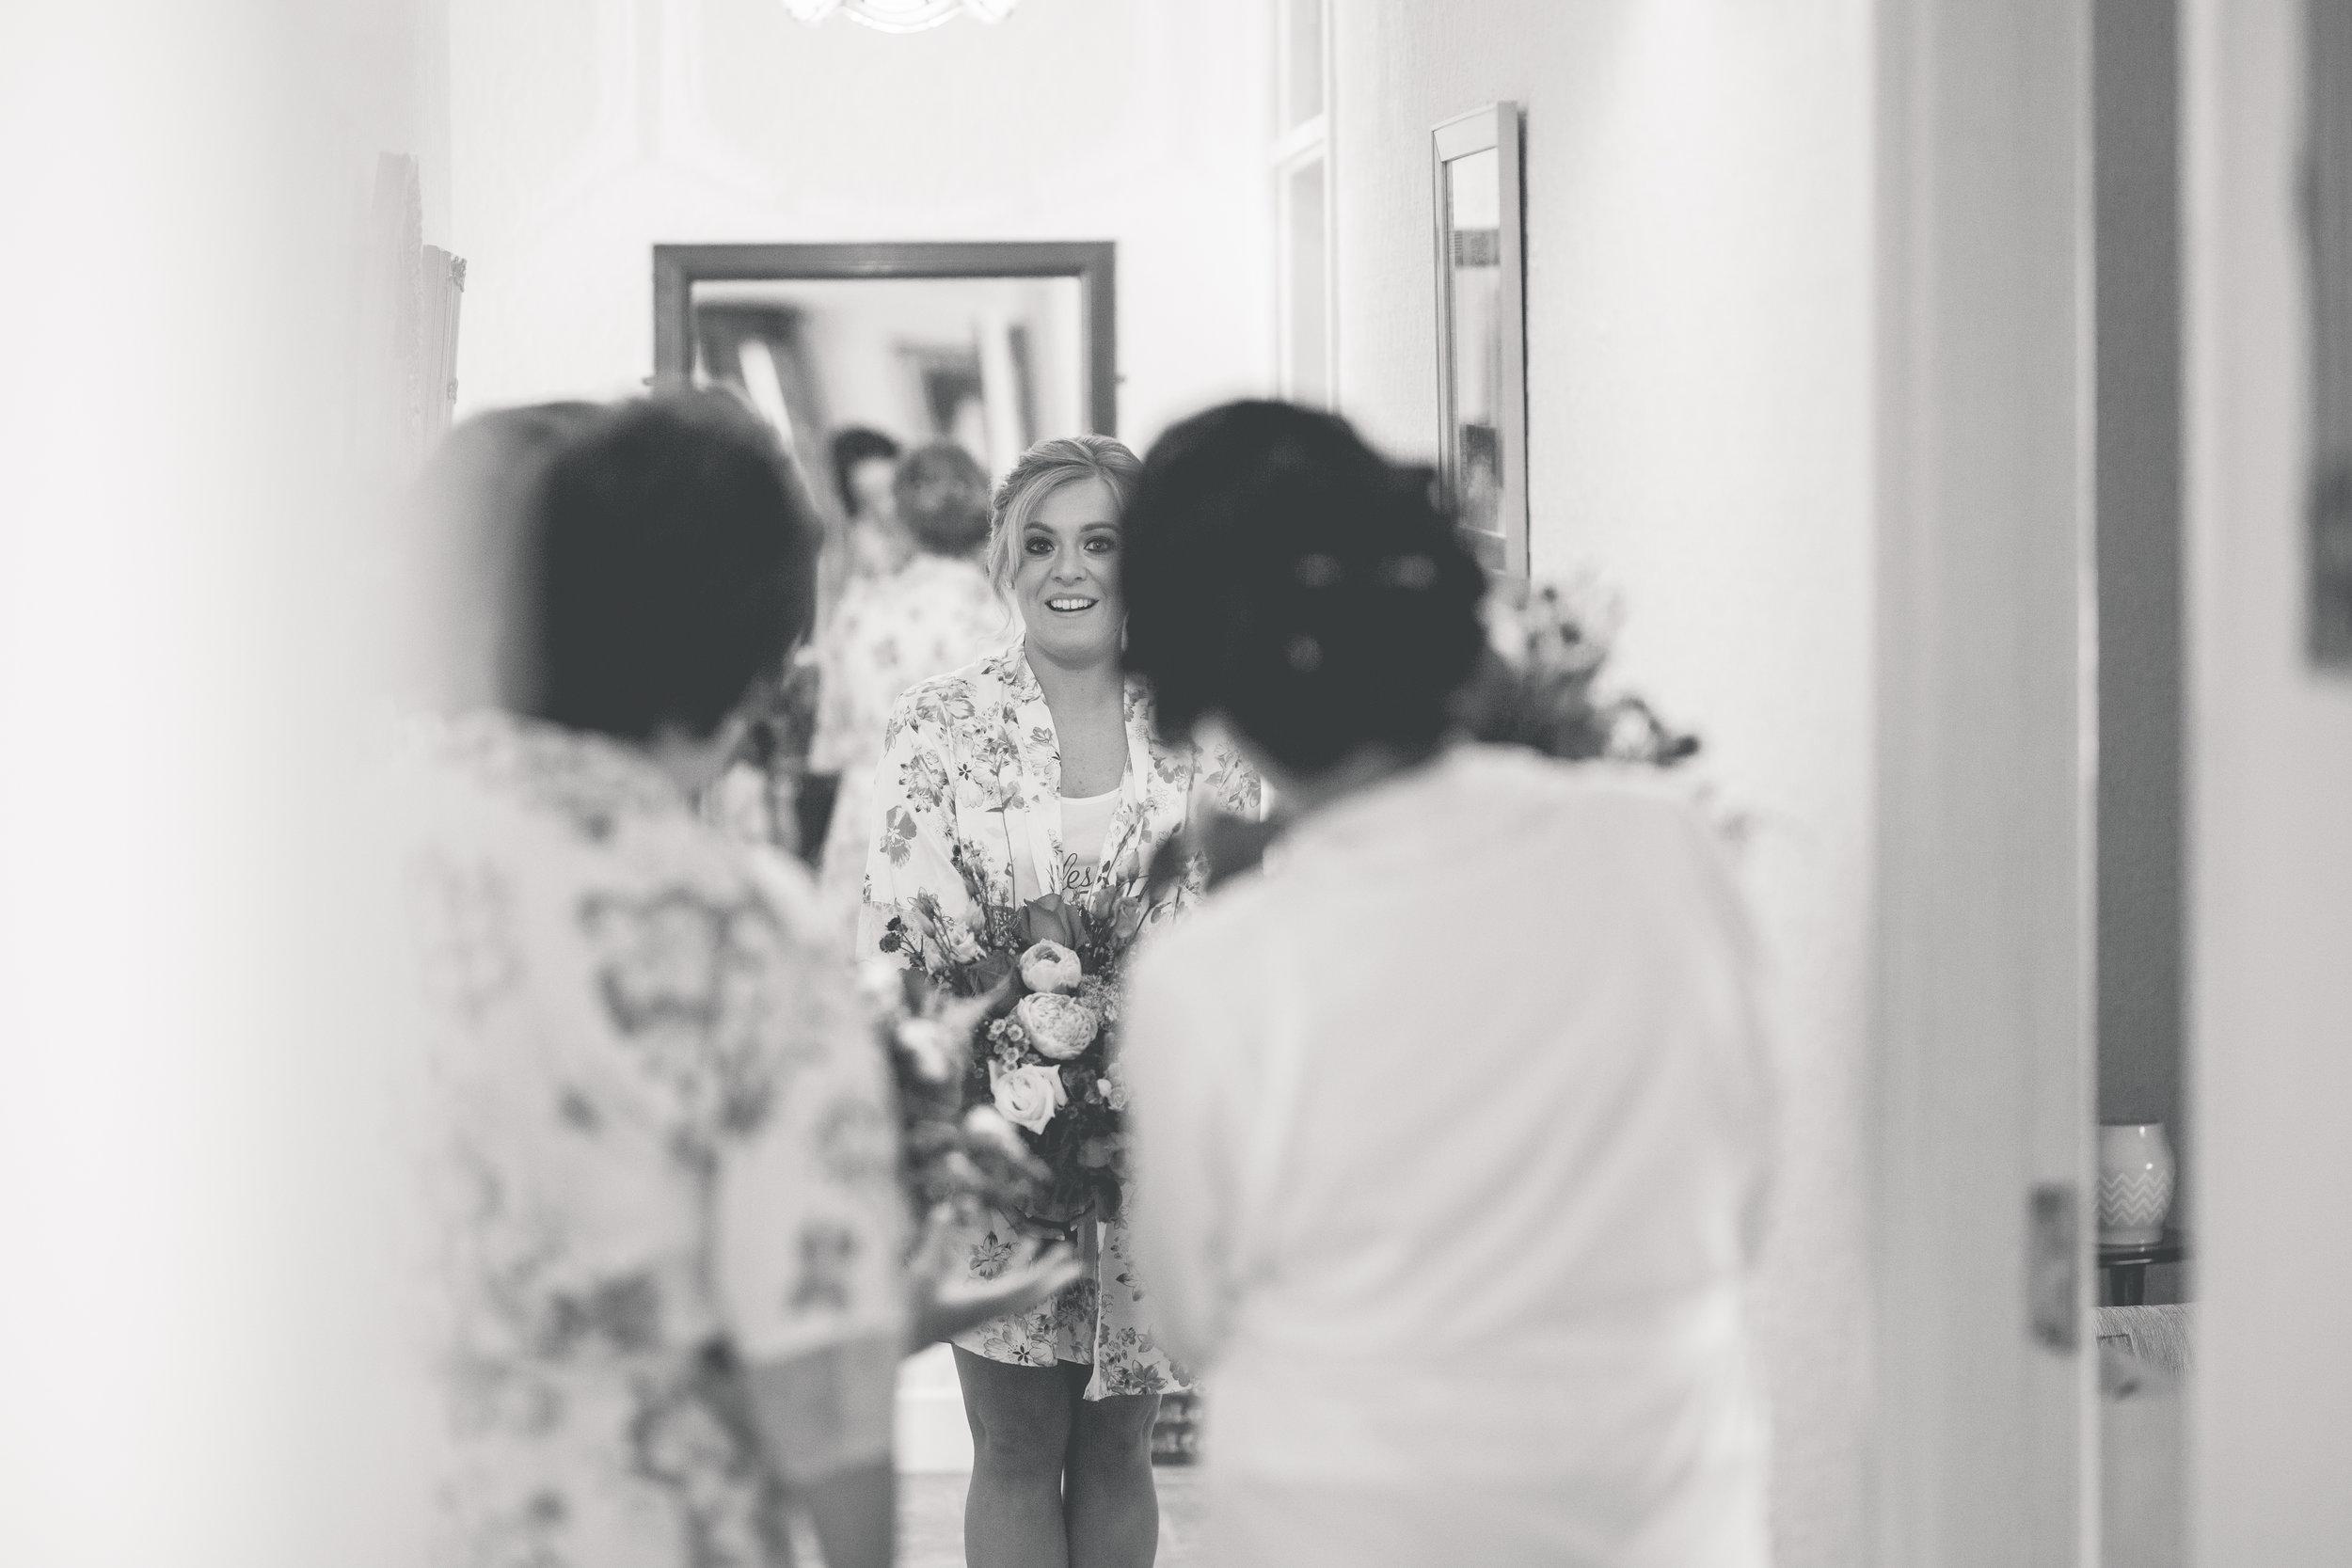 Brian McEwan Wedding Photography | Carol-Anne & Sean | Bridal Preparations-66.jpg